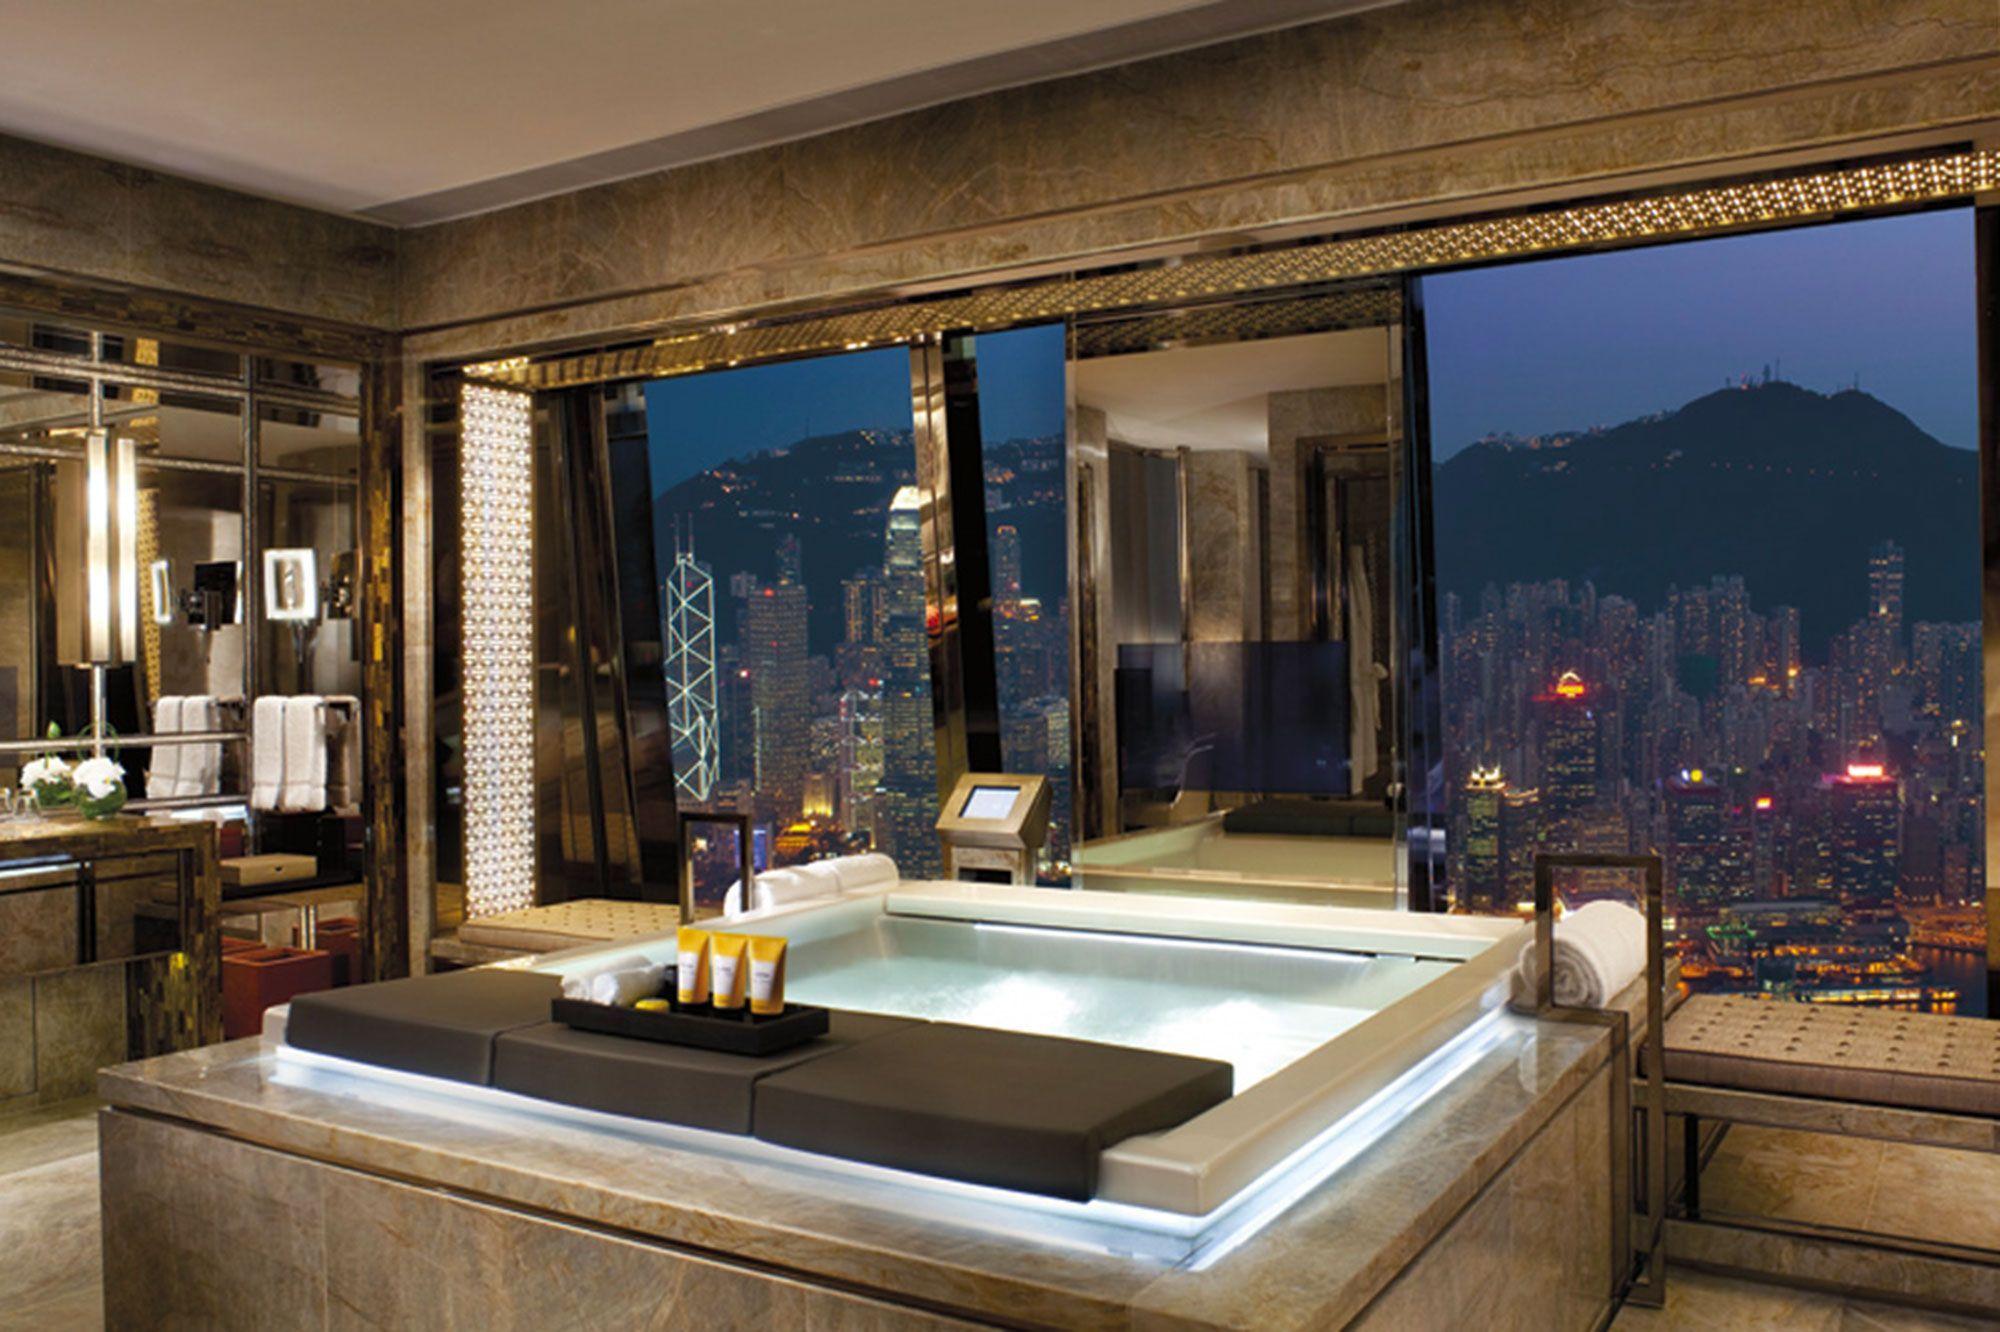 The Ritz Carlton HK bath Résultat Supérieur 15 Nouveau Salle De Bain De Luxe Pic 2017 Kgit4